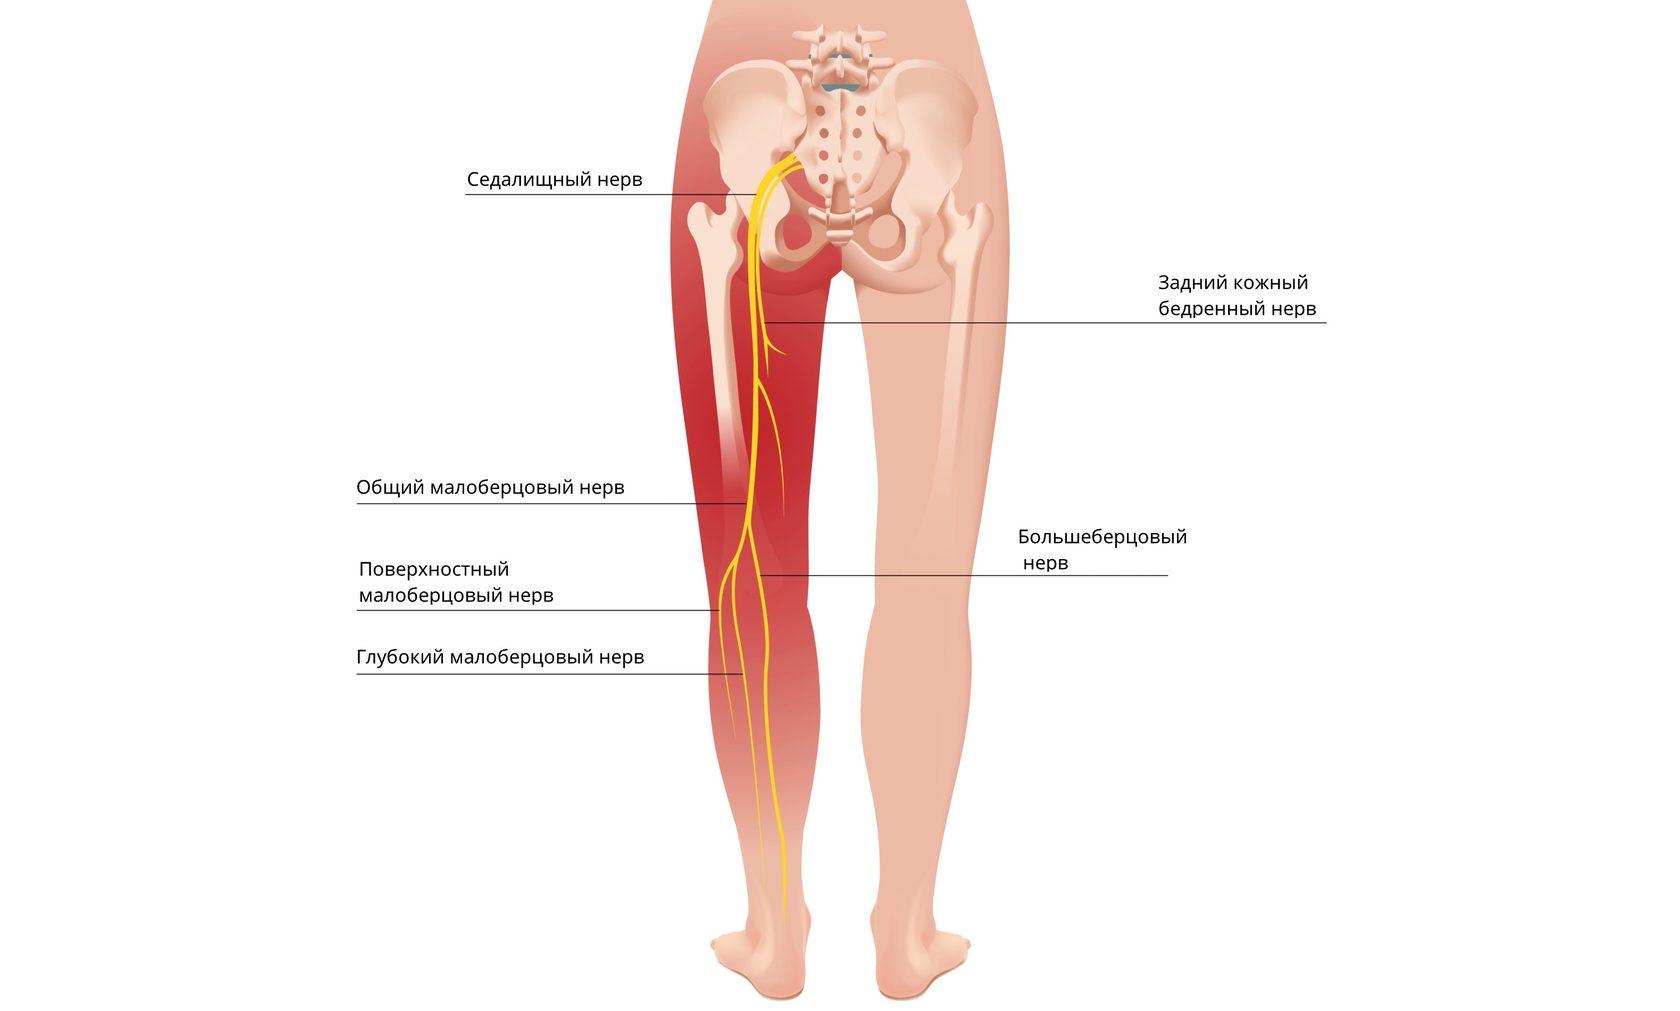 Анатомия седалищного нерва человека